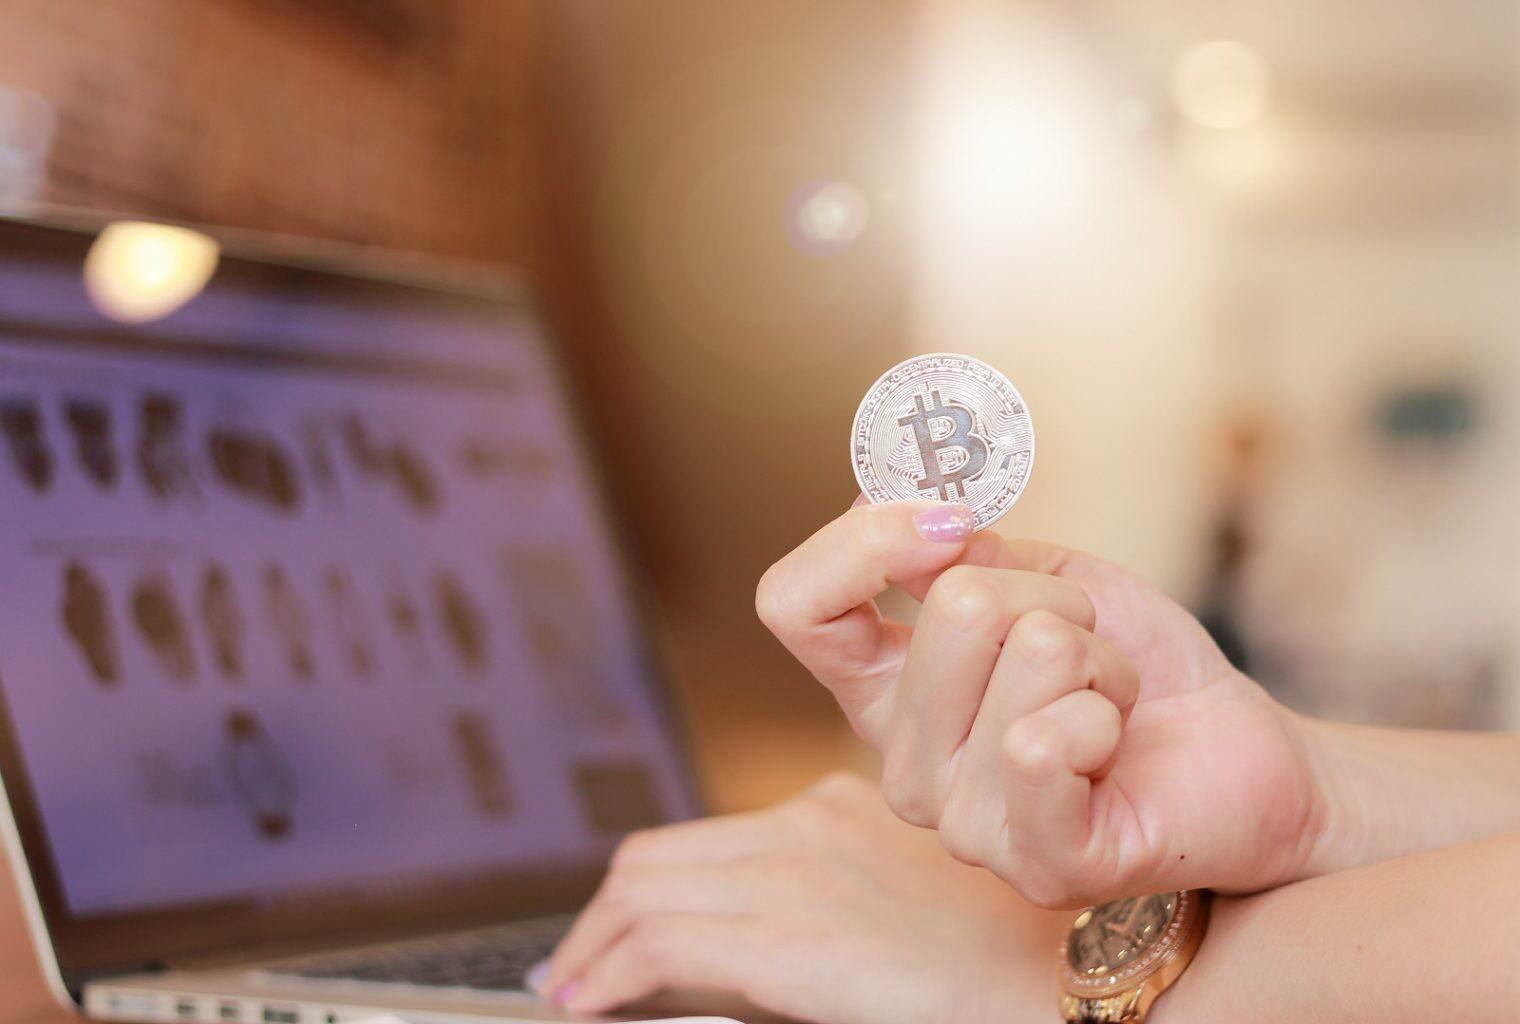 مطالعه آزمایشگاه کسپرسکی افزایش ۱۳ درصدی خرید با بیت کوین را نشان می دهد